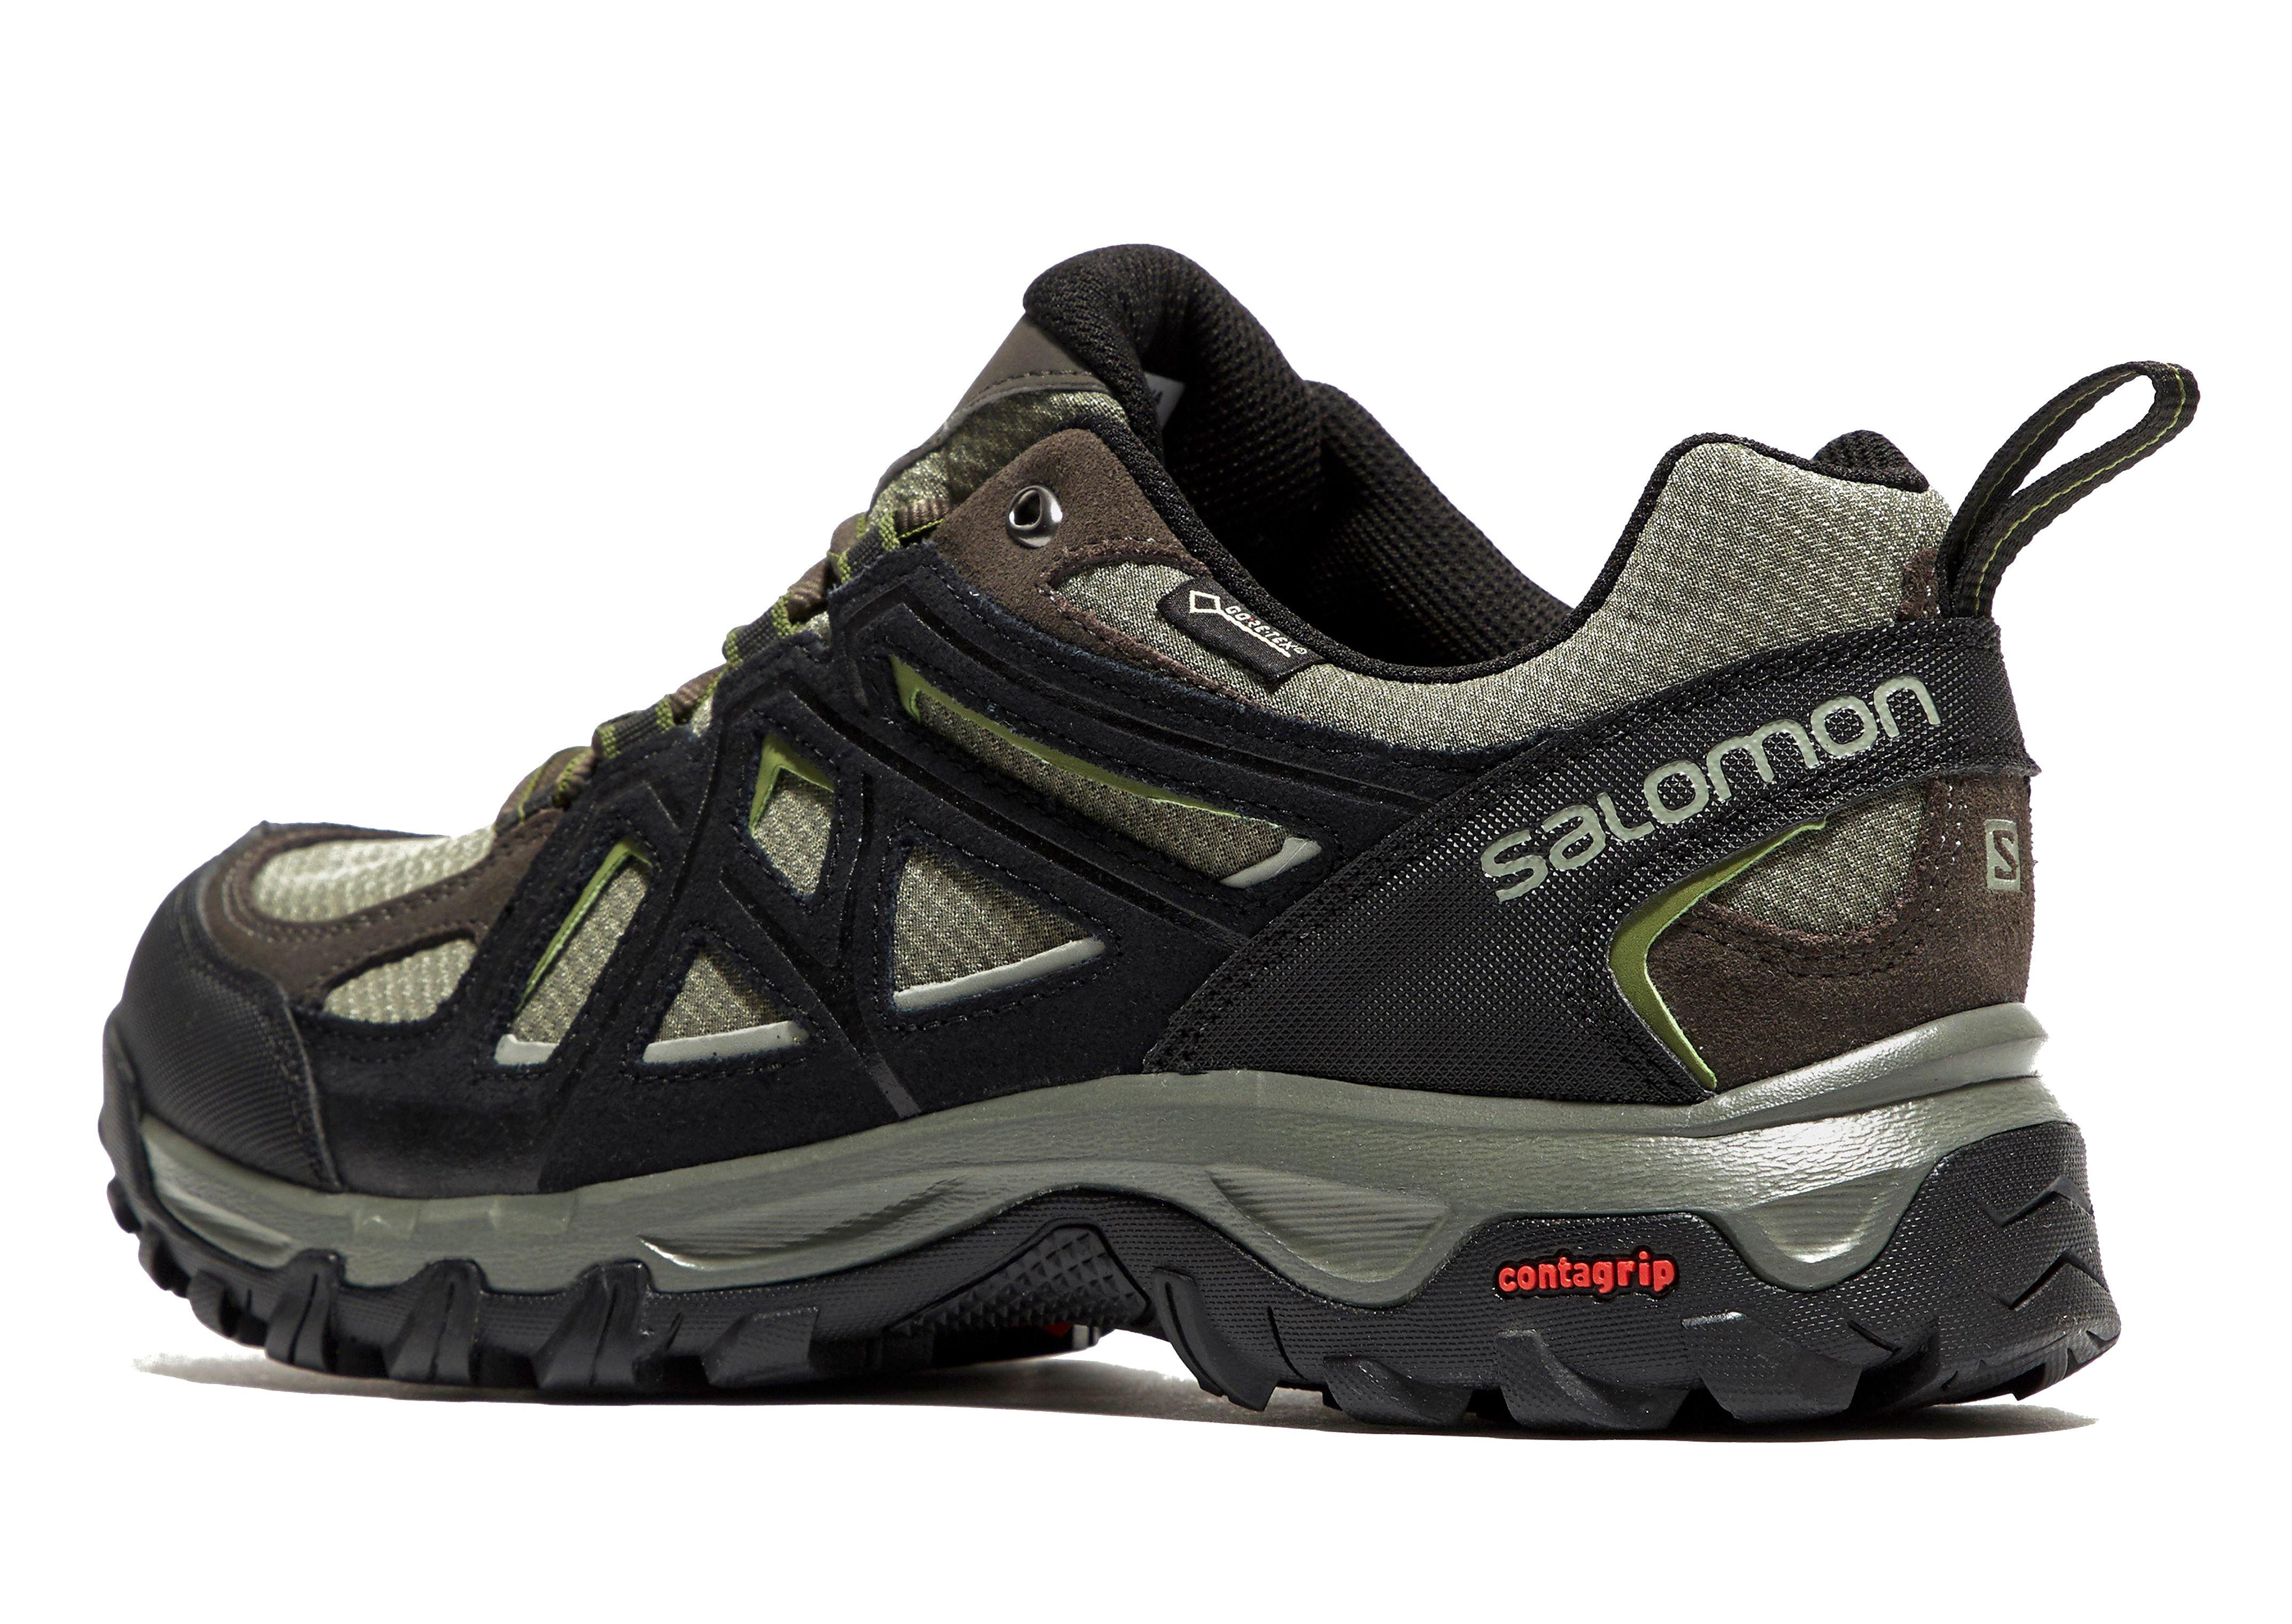 Salomon Evasion 2 Aero GTX Men's Hiking Shoes